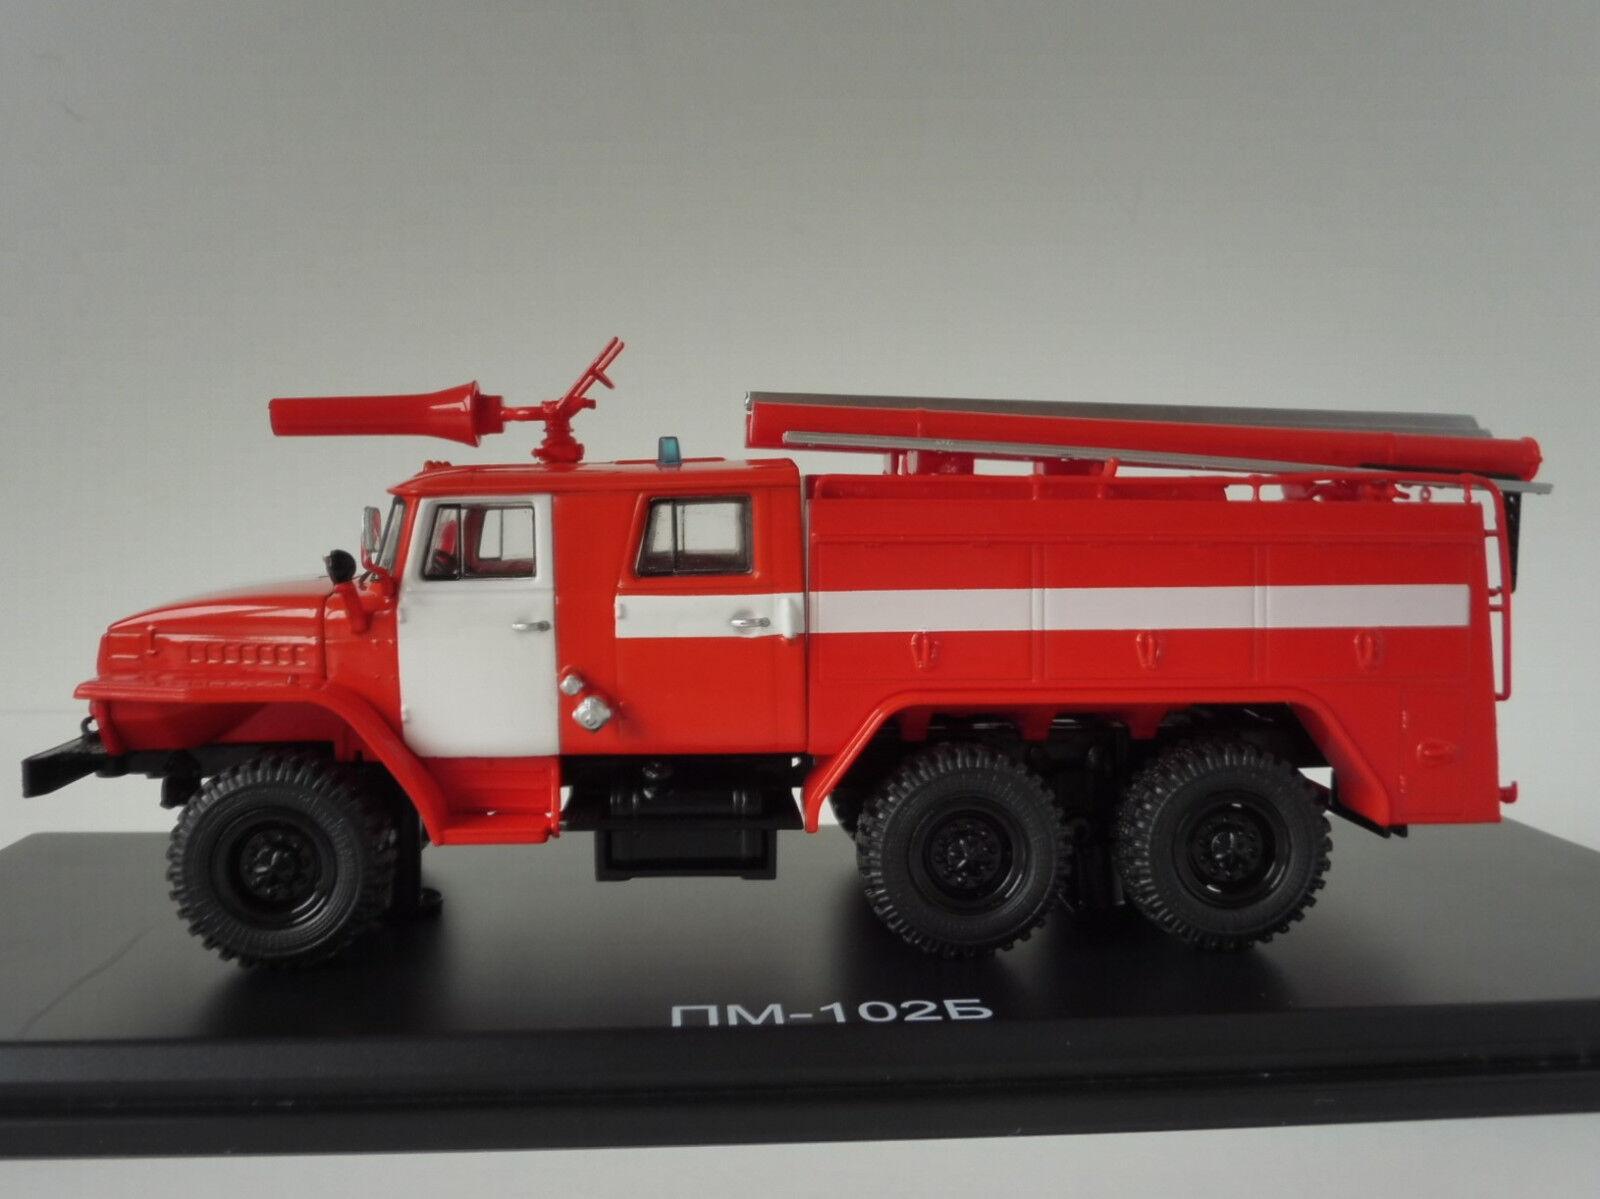 URAL AC-40 43202 PM-102B Feuerwehr 1 43 Start Scale Models SSM1232 Fire Engine